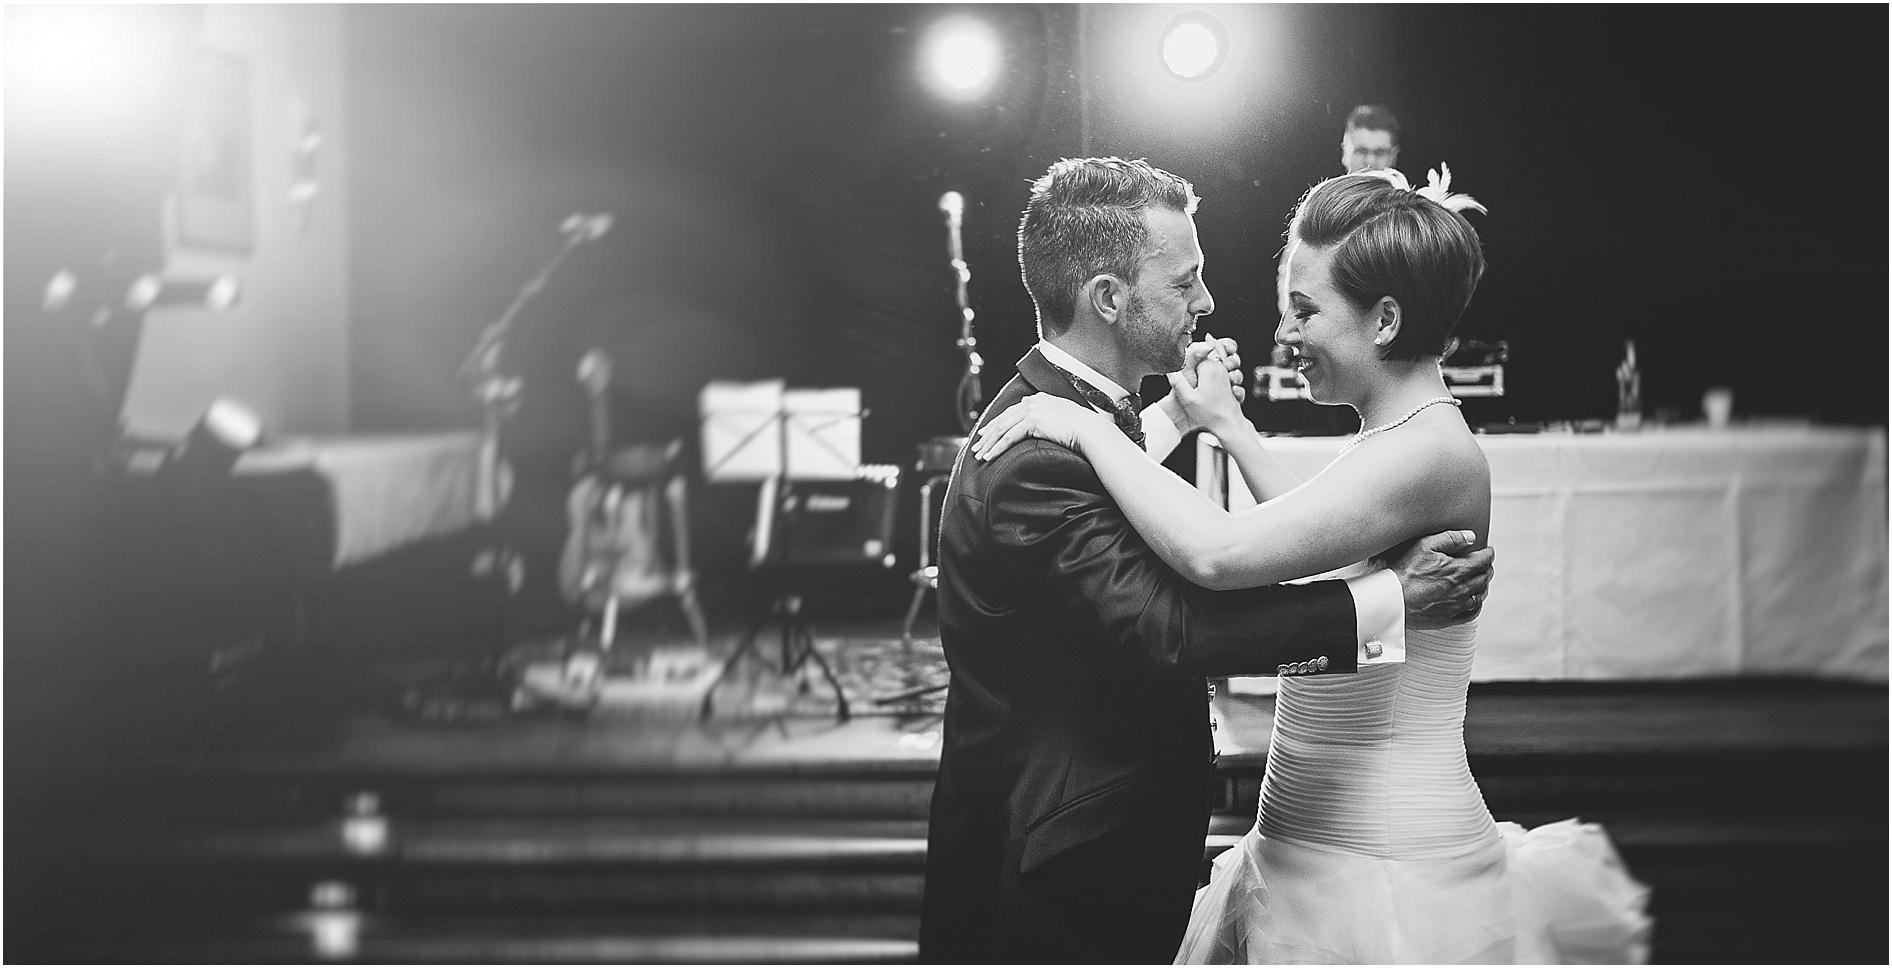 2015-10-27_0107 Tine & Chrischan - Hochzeitsfilm & Fotos in Lüneburg